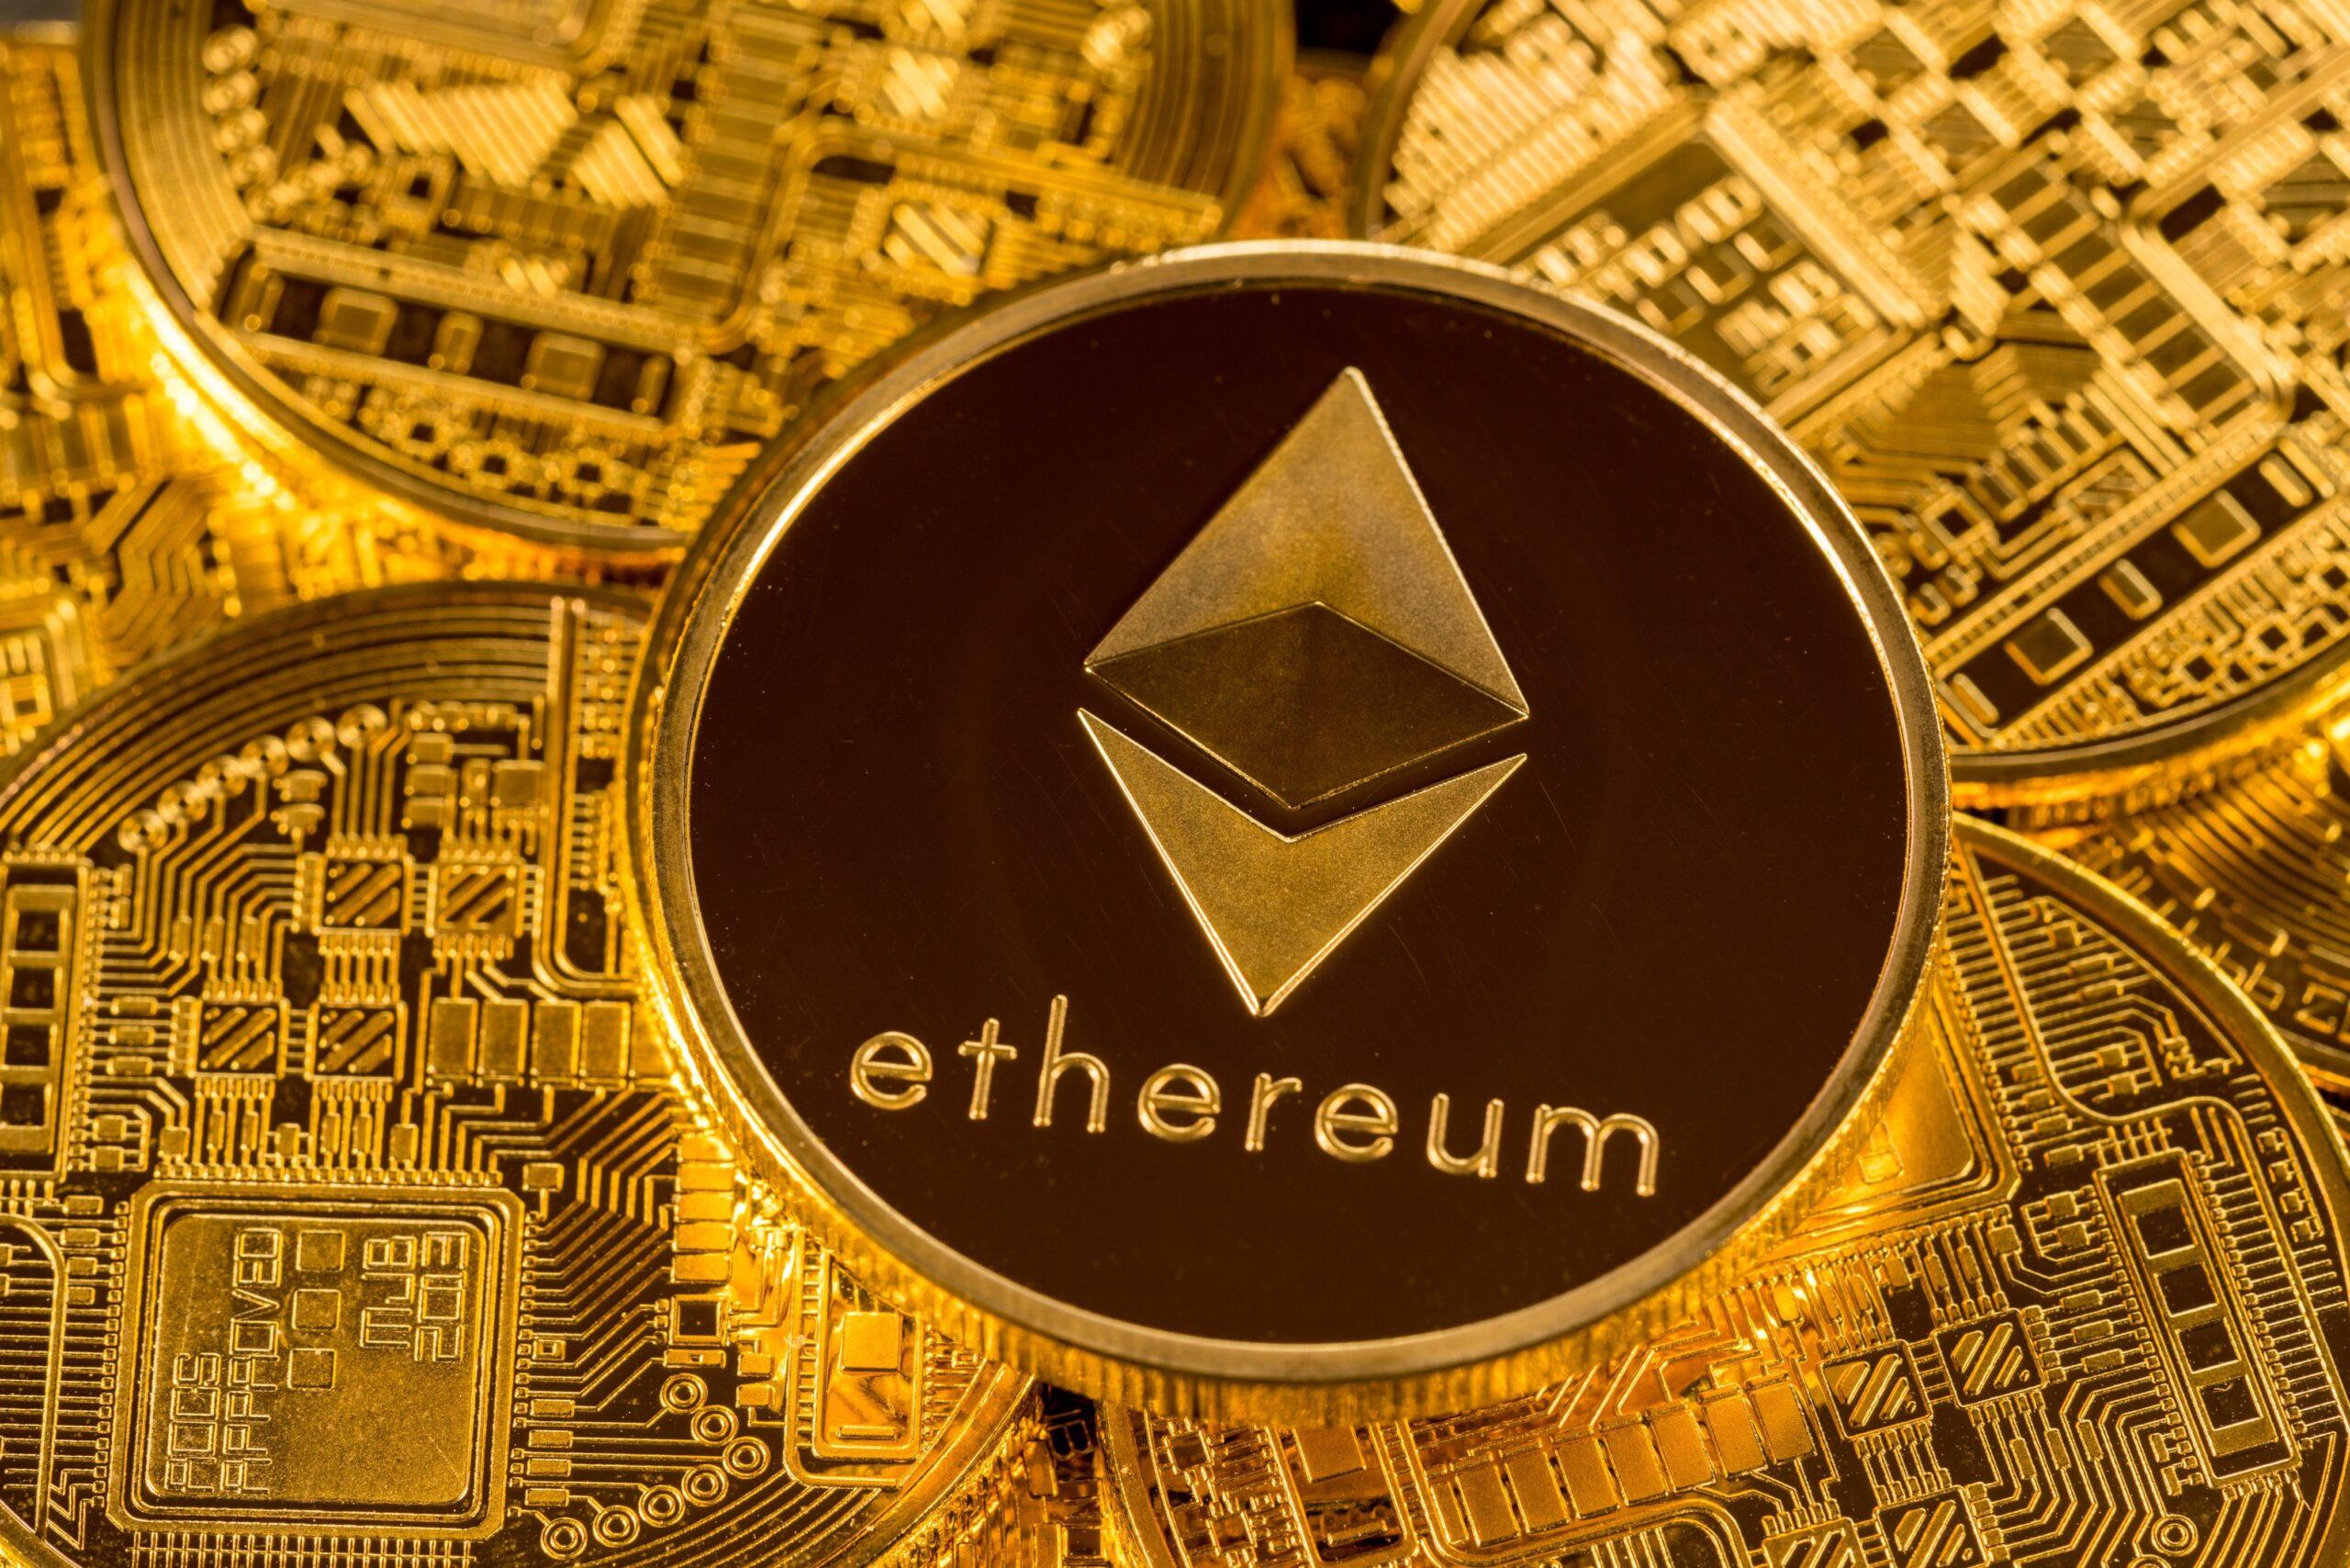 WisdomTree utökar utbudet av digitala tillgångar med Ethereum ETP-lansering